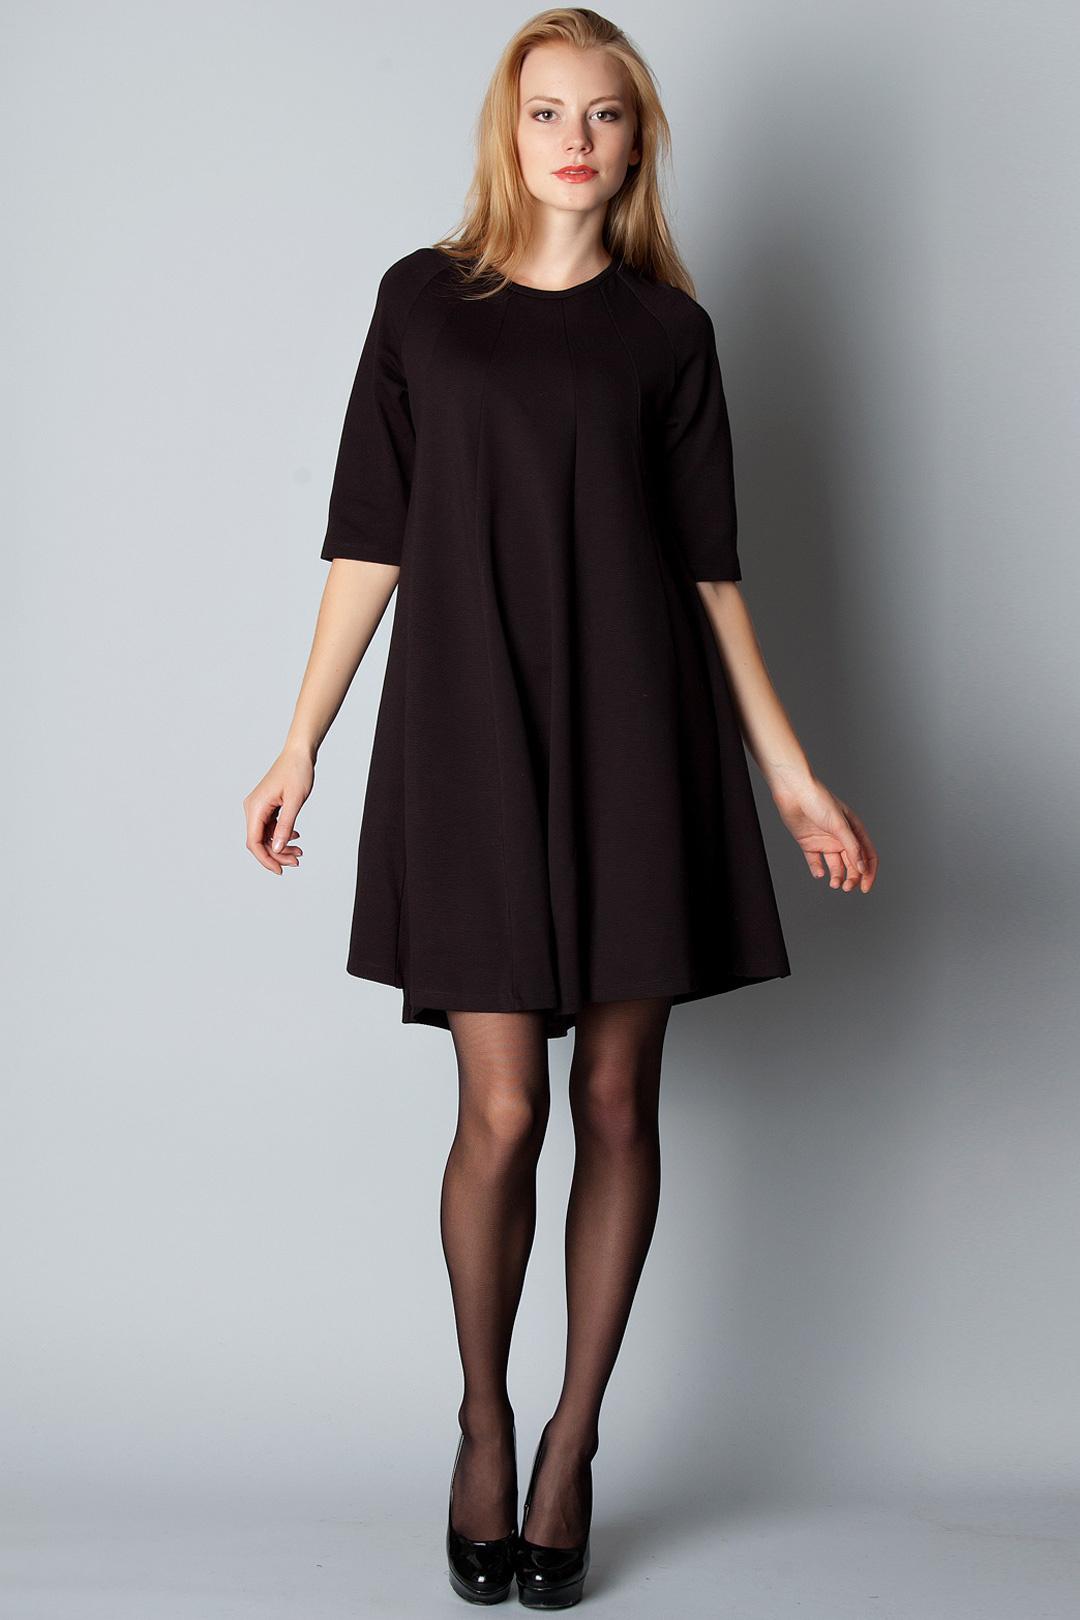 платья фото свободного кроя